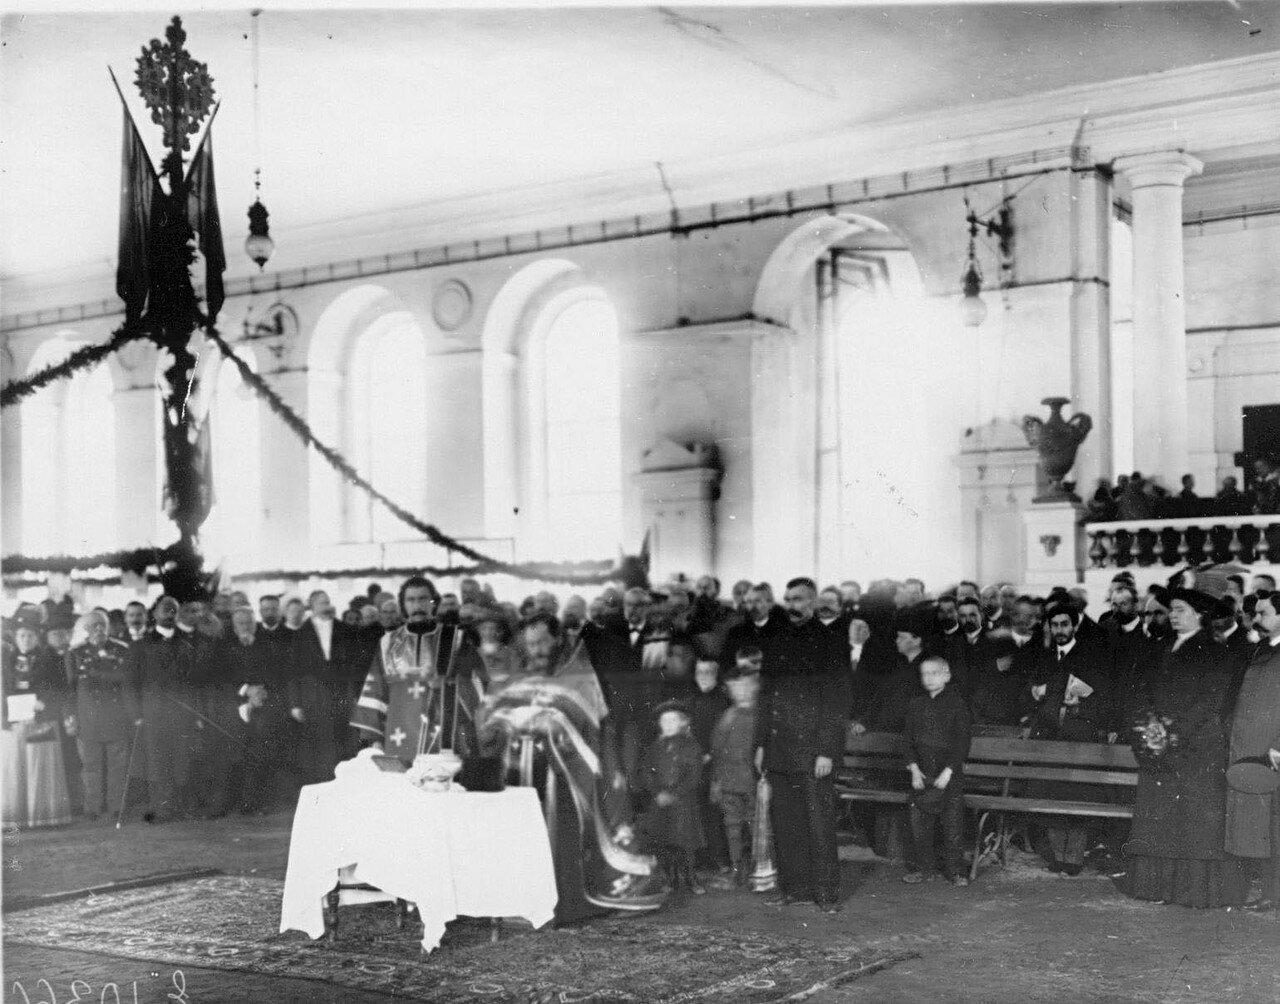 06. Молебен в выставочном зале перед открытием выставки. 1910